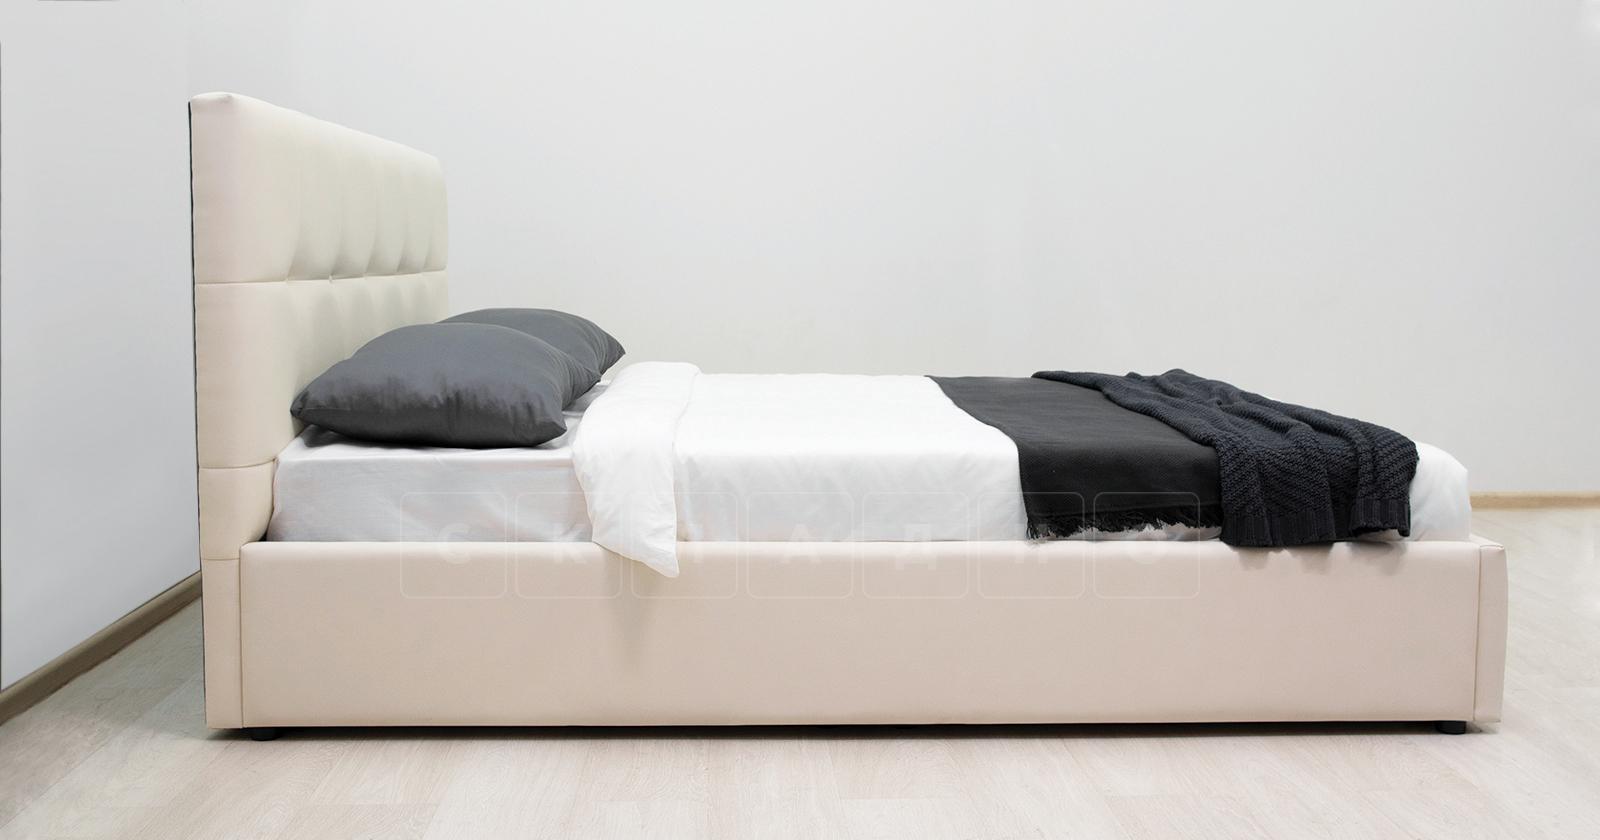 Мягкая кровать Хлоя 160 см сливочный с подъемным механизмом фото 6   интернет-магазин Складно